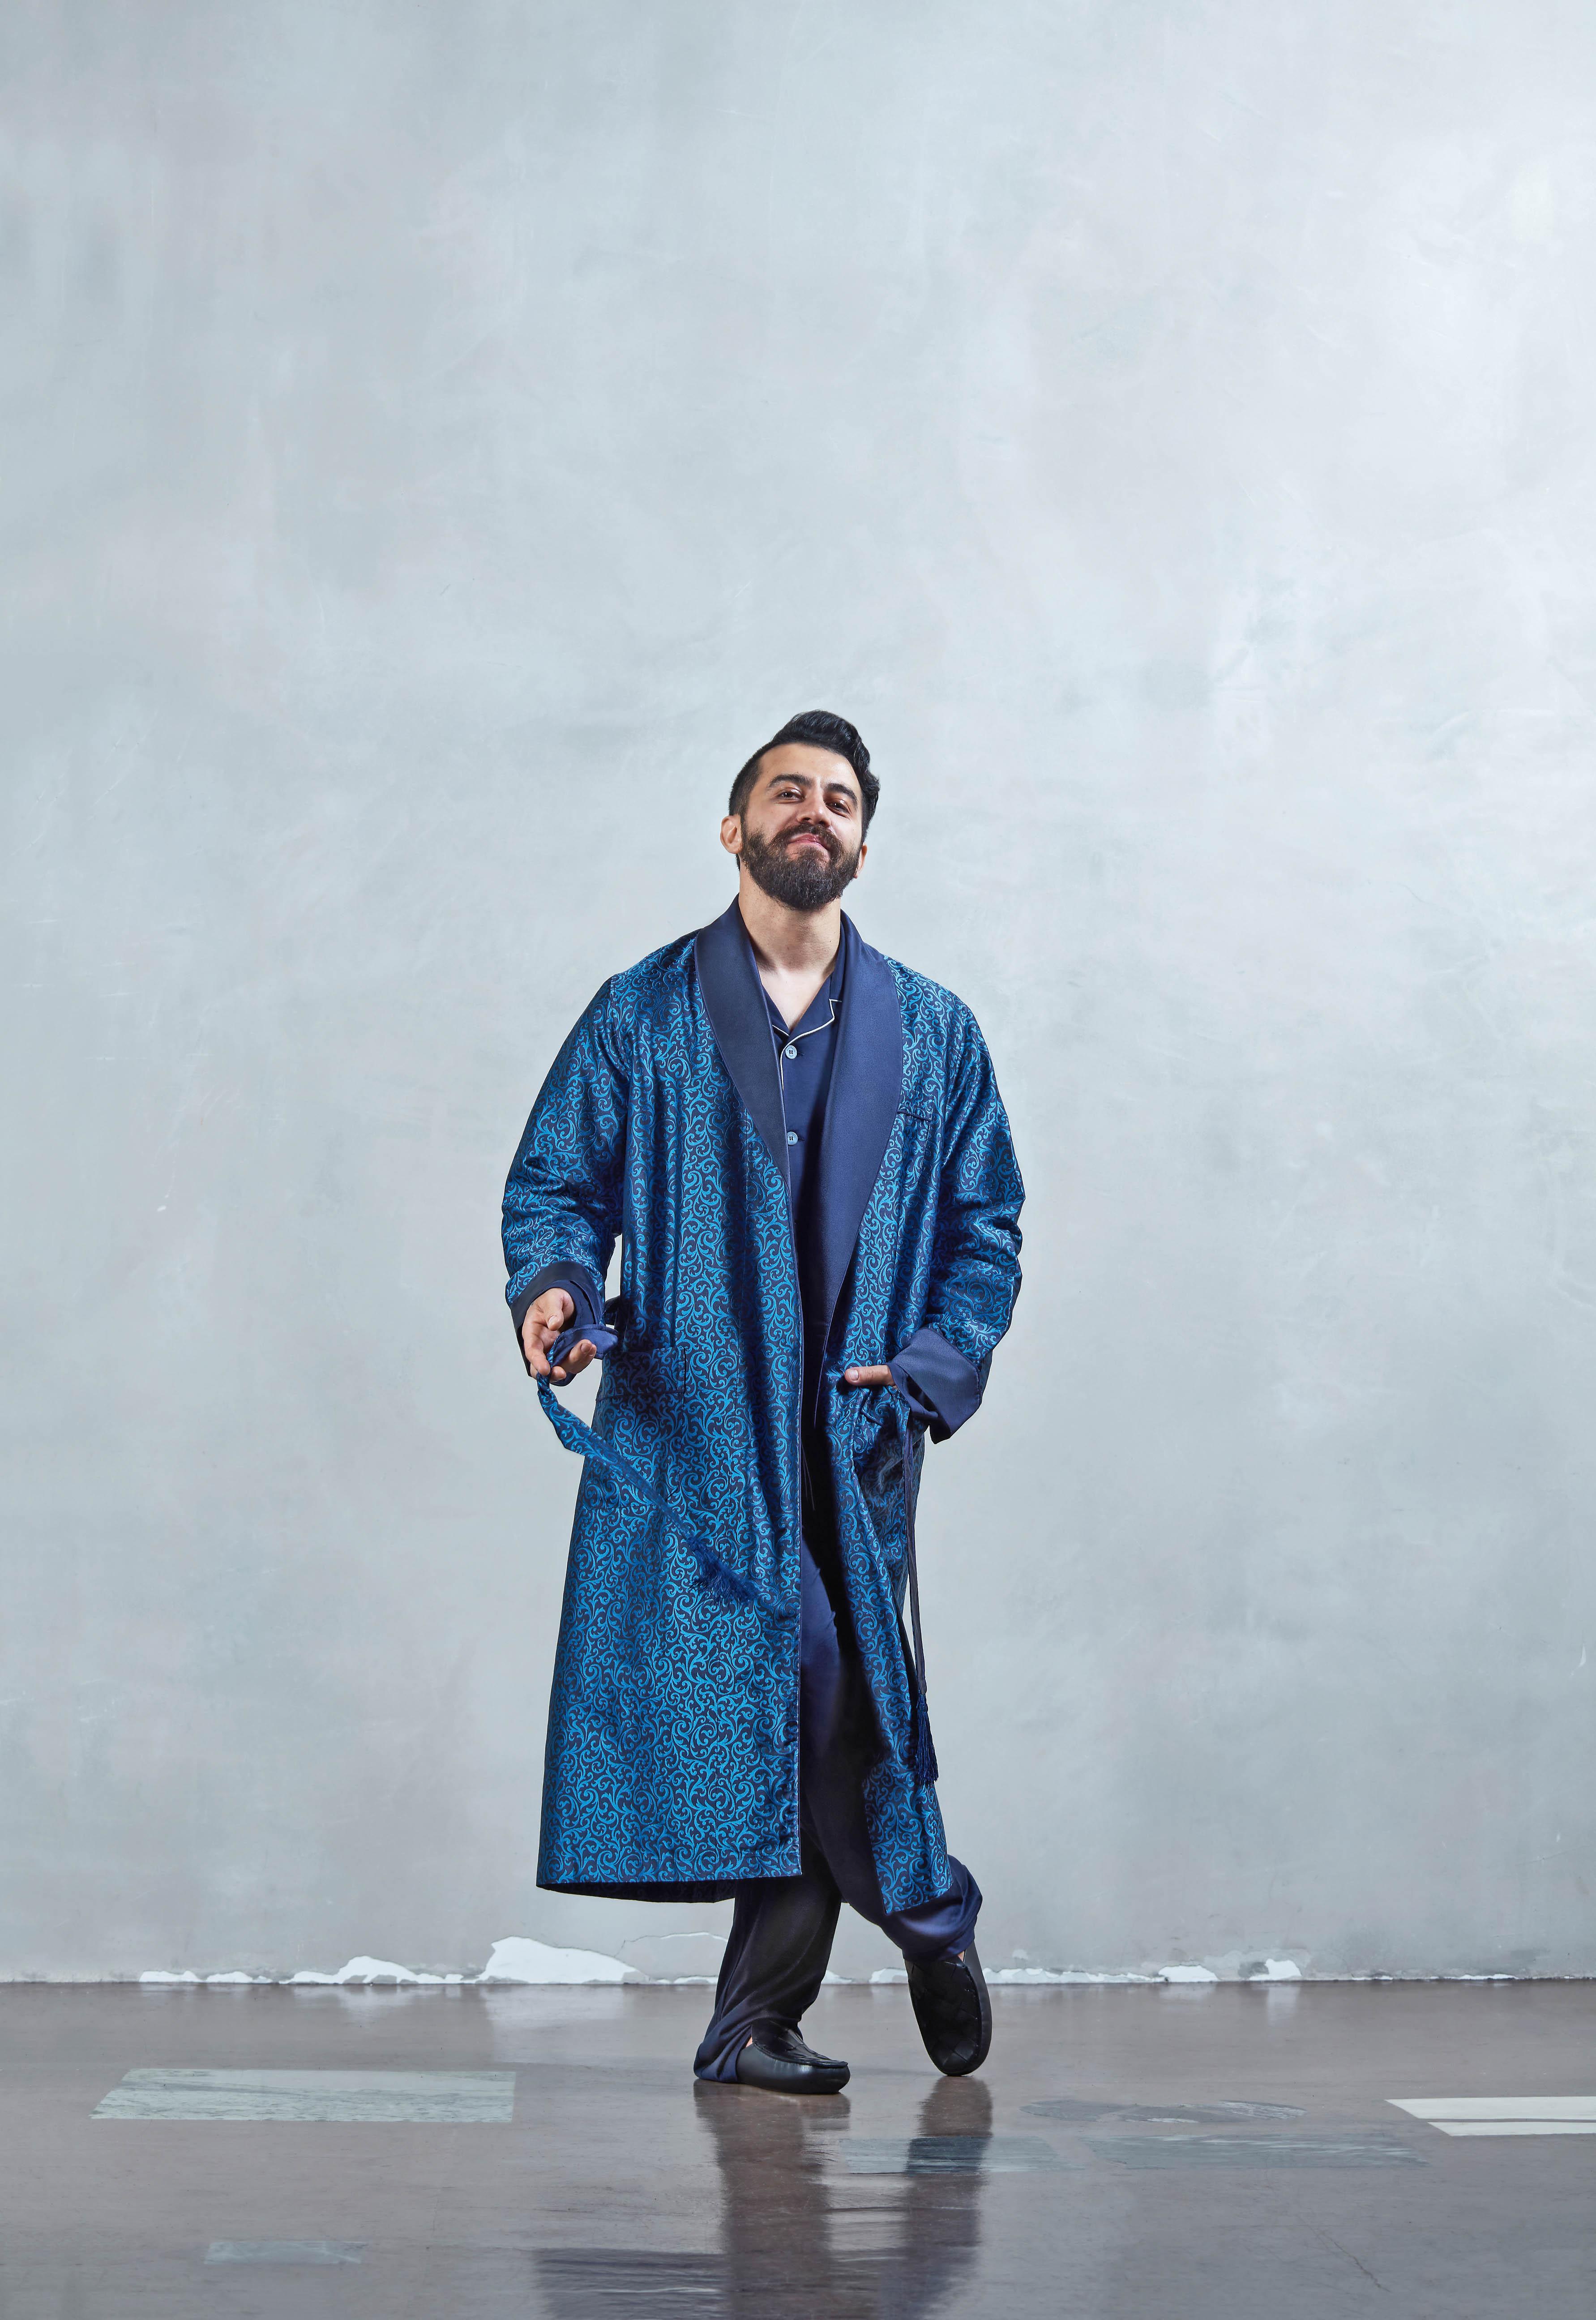 Пижамная рубашка Ermenegildo Zegna, халат Derek Rose, пижамные брюки Ermenegildo Zegna, слиперы Bottega Veneta